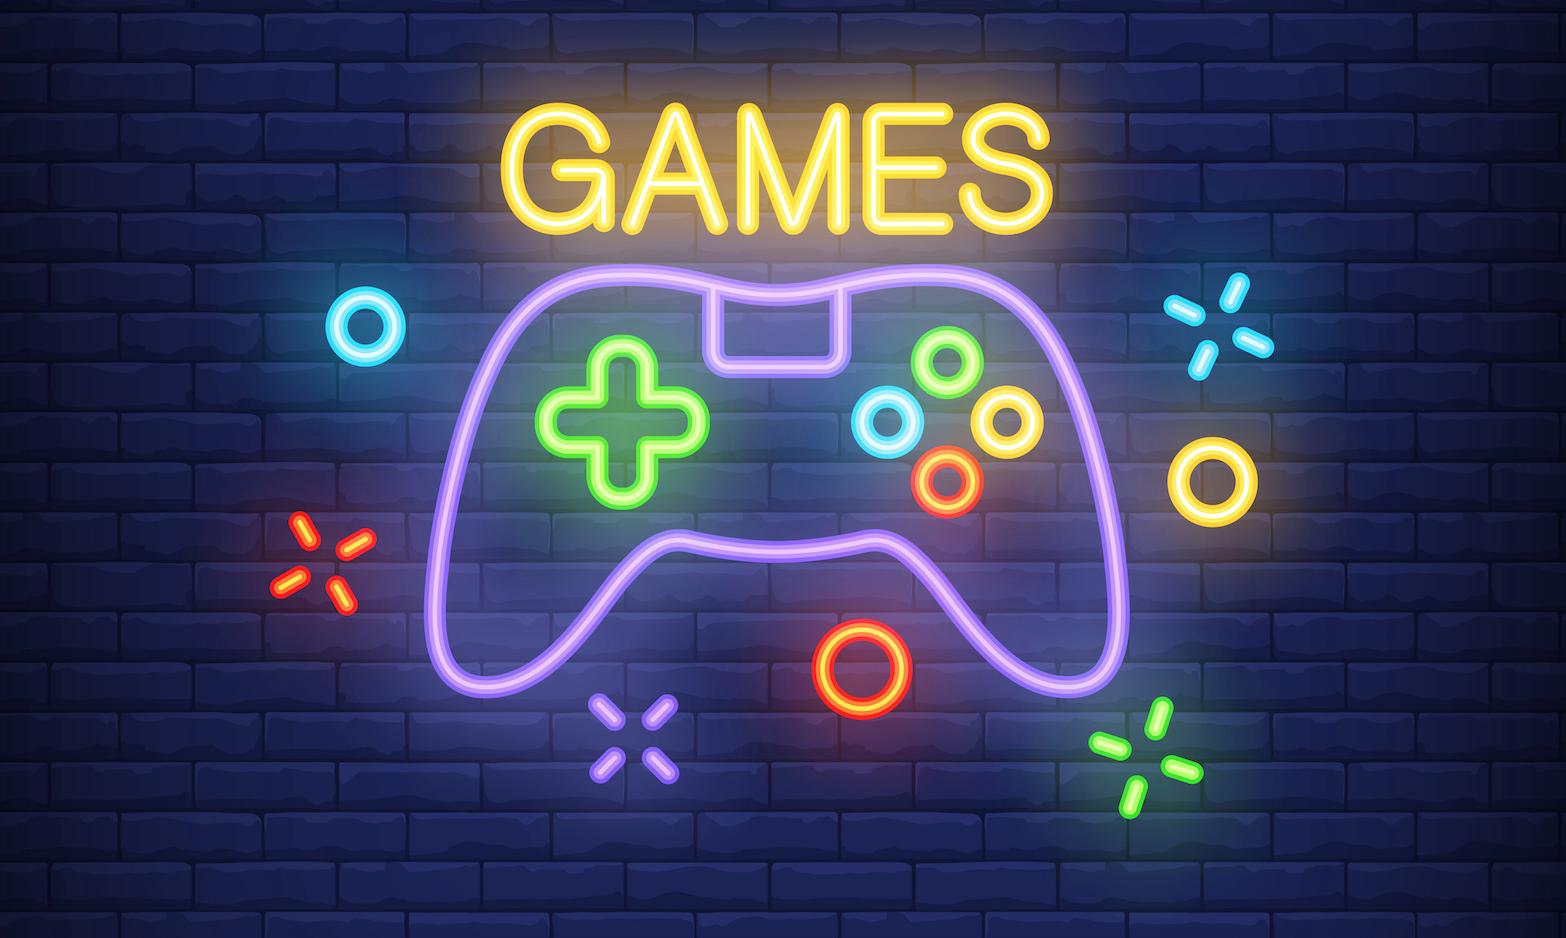 Картинка с надписью игры